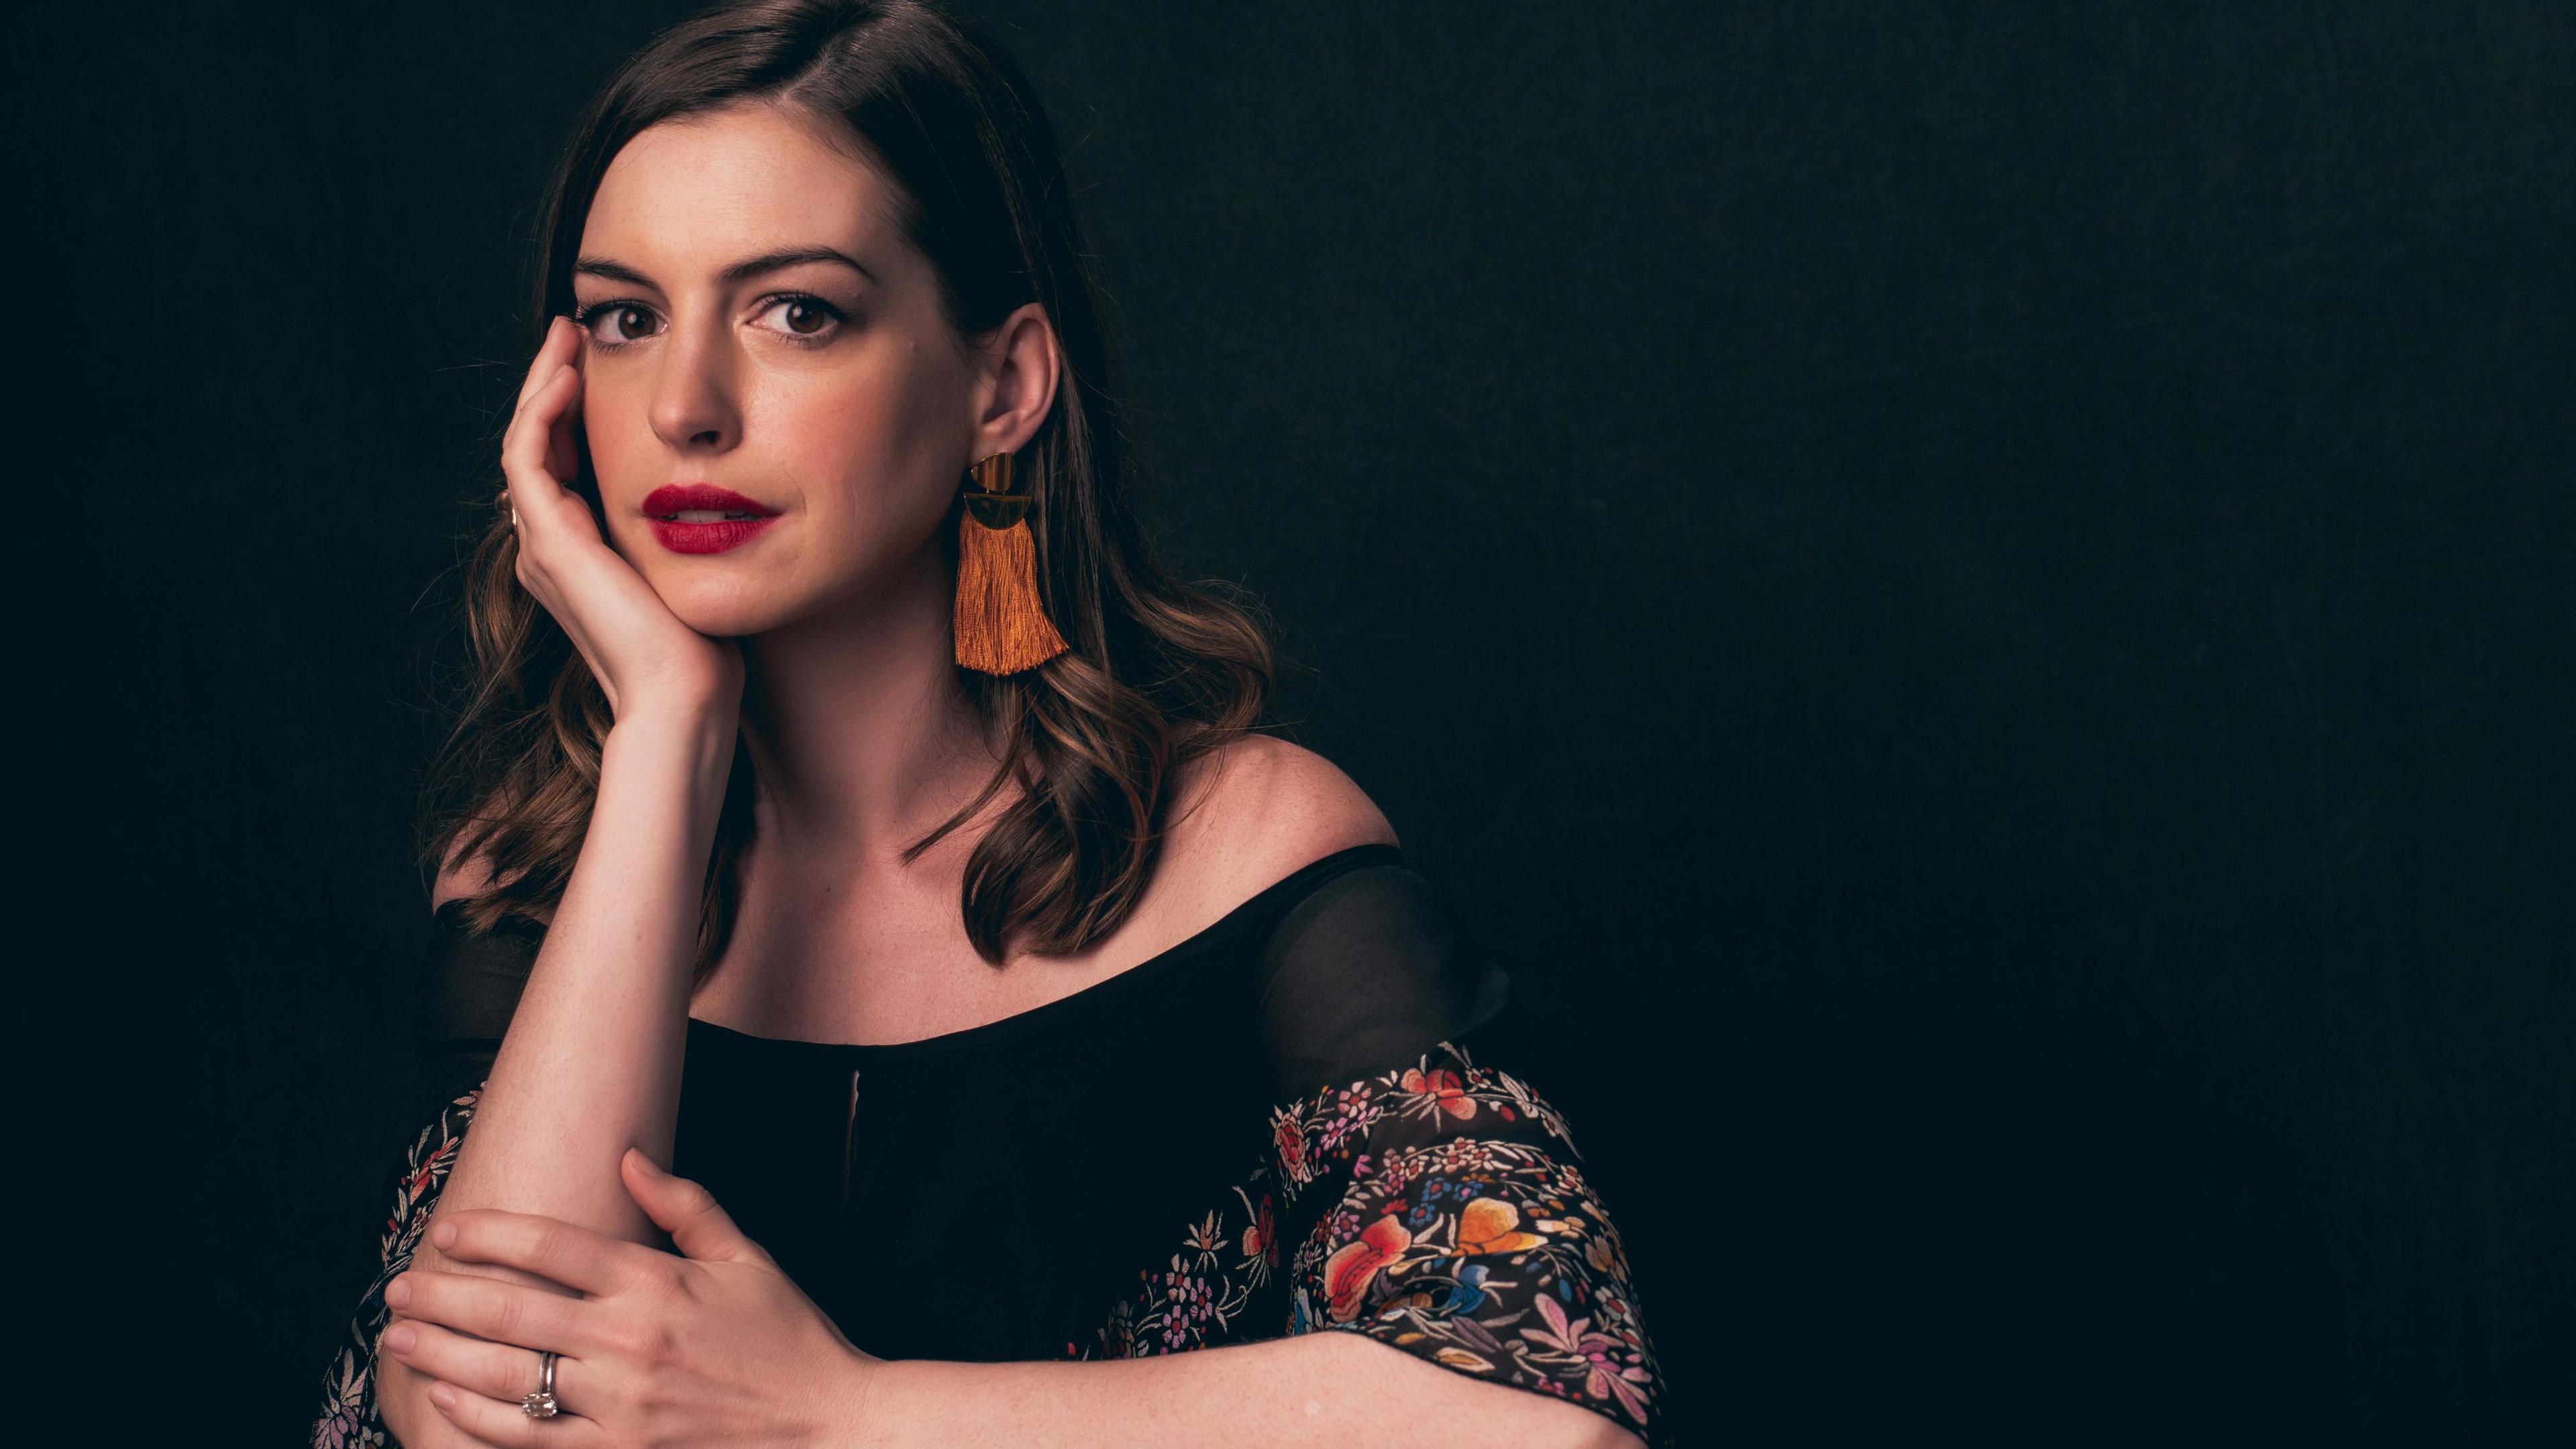 anne hathaway 2019 4k 1553072986 - Anne Hathaway 2019 4k - hd-wallpapers, girls wallpapers, celebrities wallpapers, anne hathaway wallpapers, 4k-wallpapers